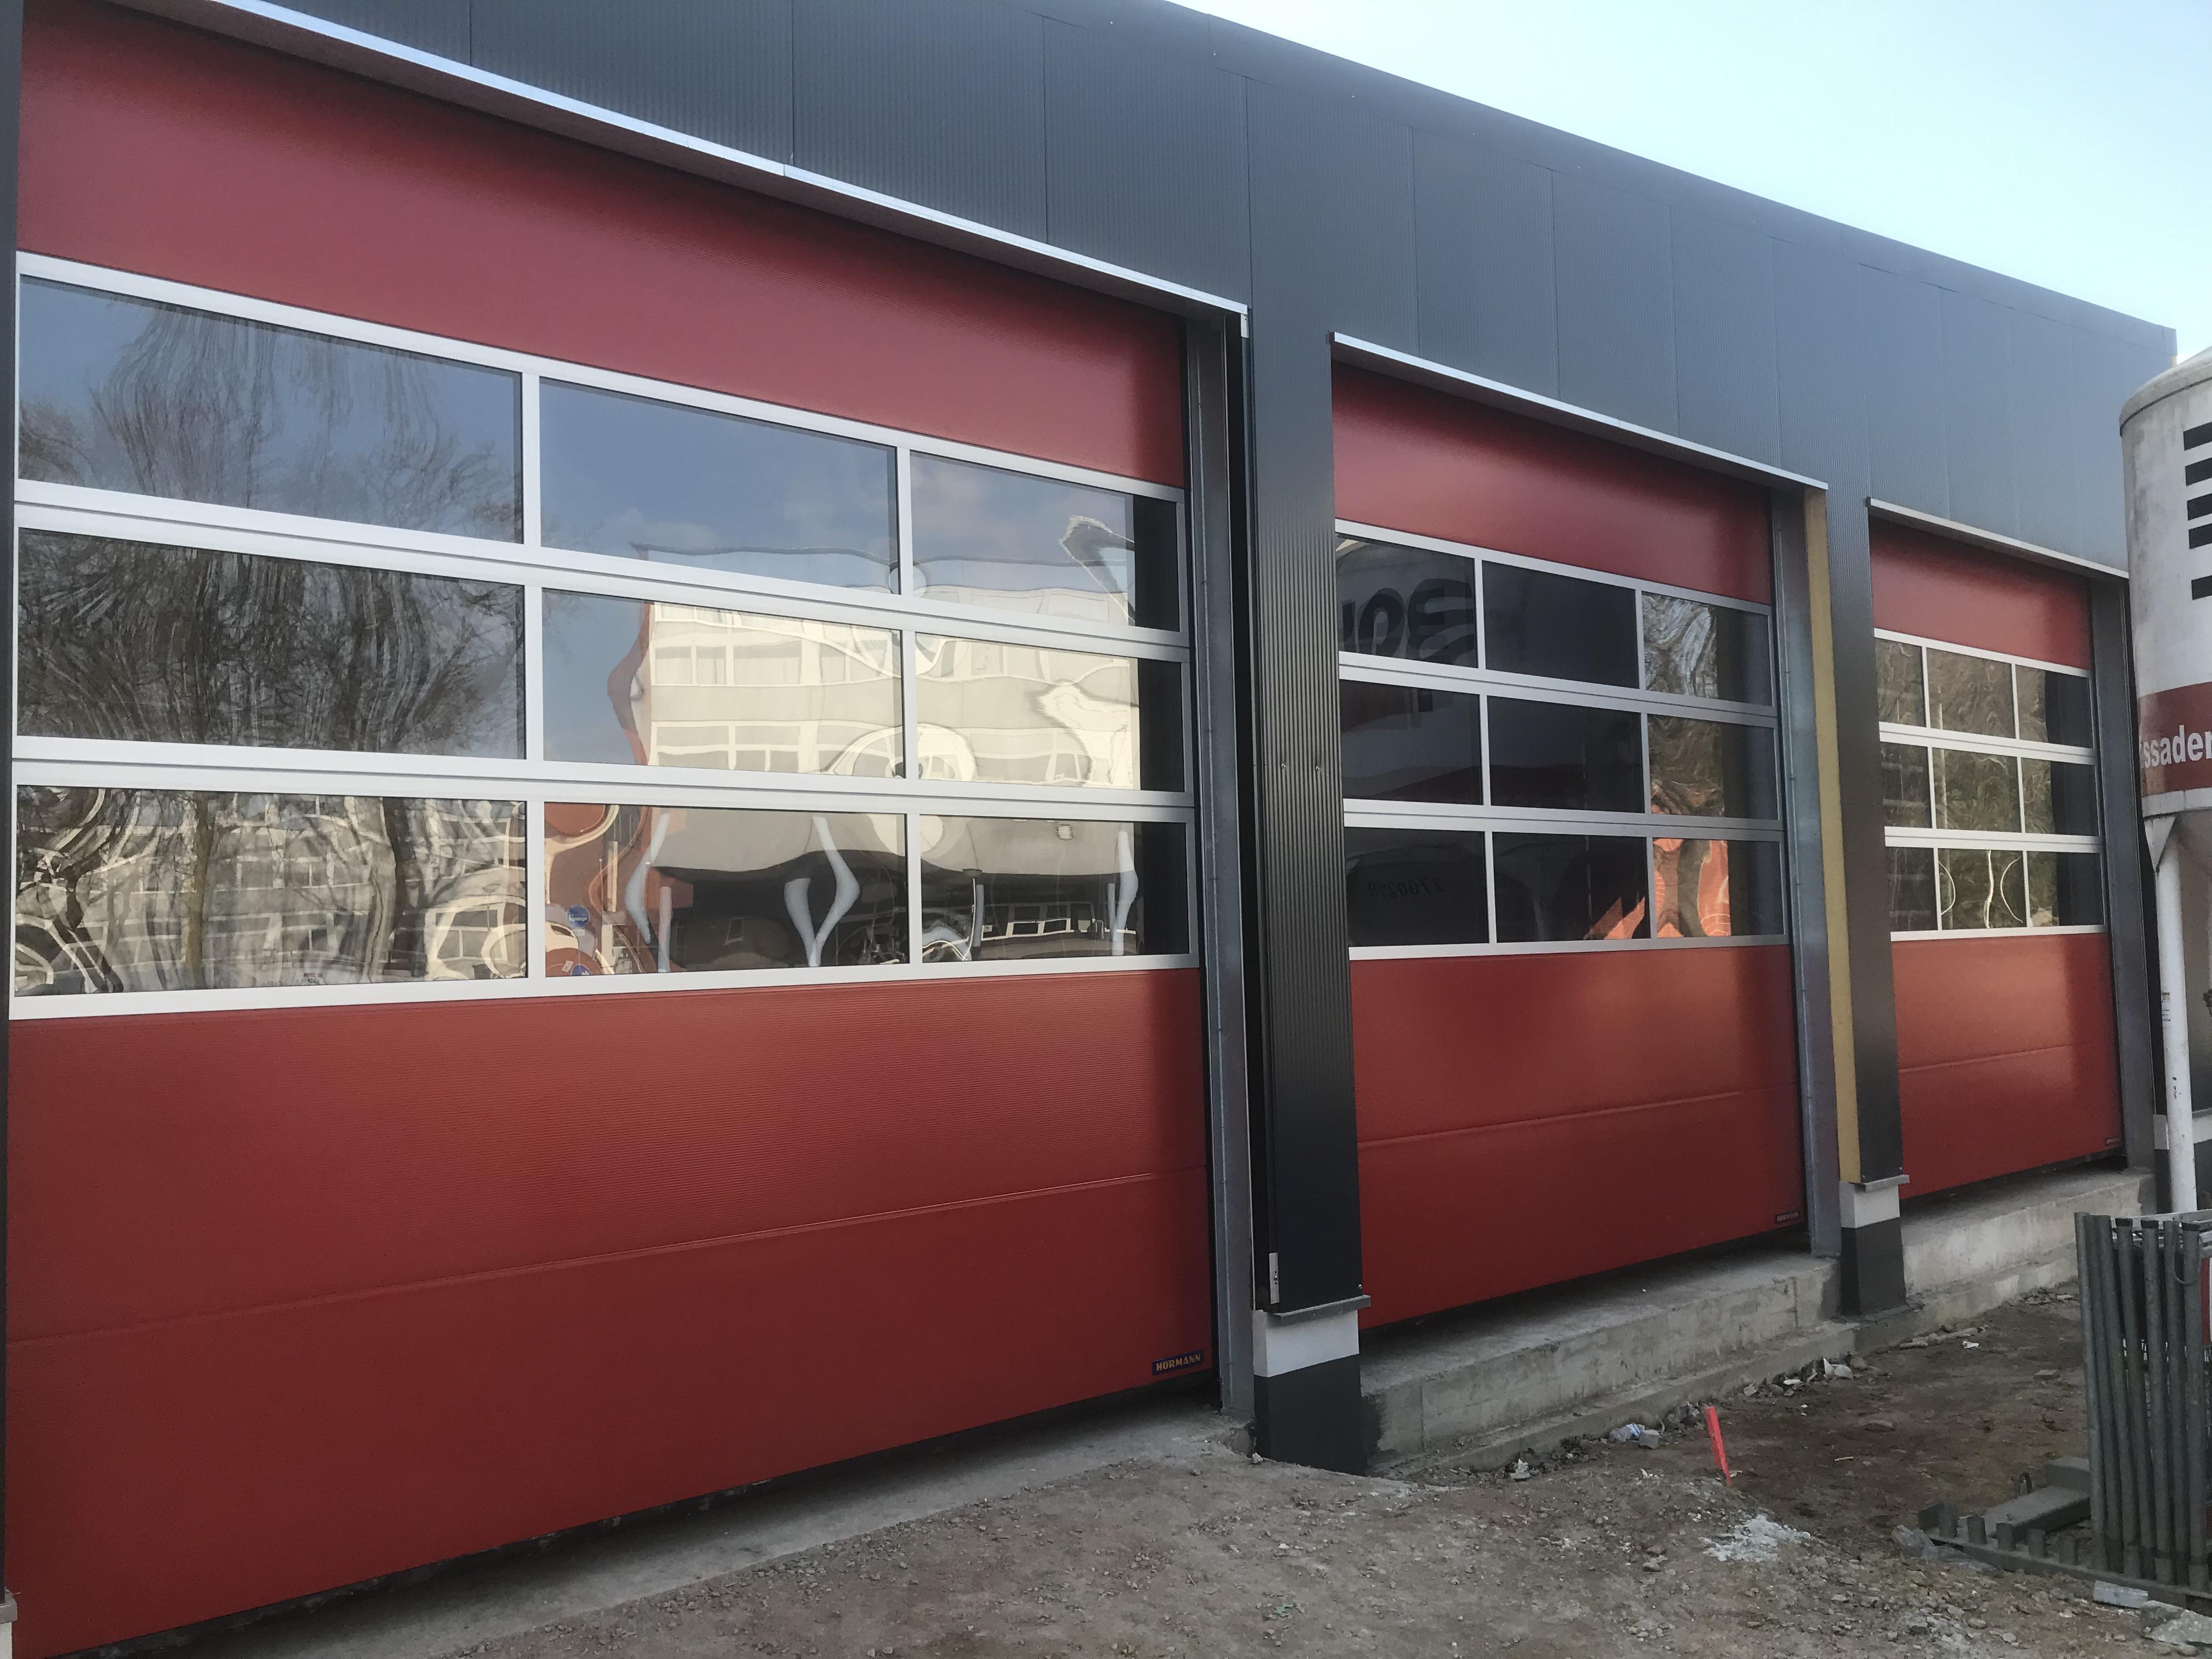 <p>Rolltore, Putzarbeiten und Außenanlage (30.03.2019) Am neuen Feuerwehrgerätehaus hat sich in den letzten Wochen wieder [&hellip;]</p>